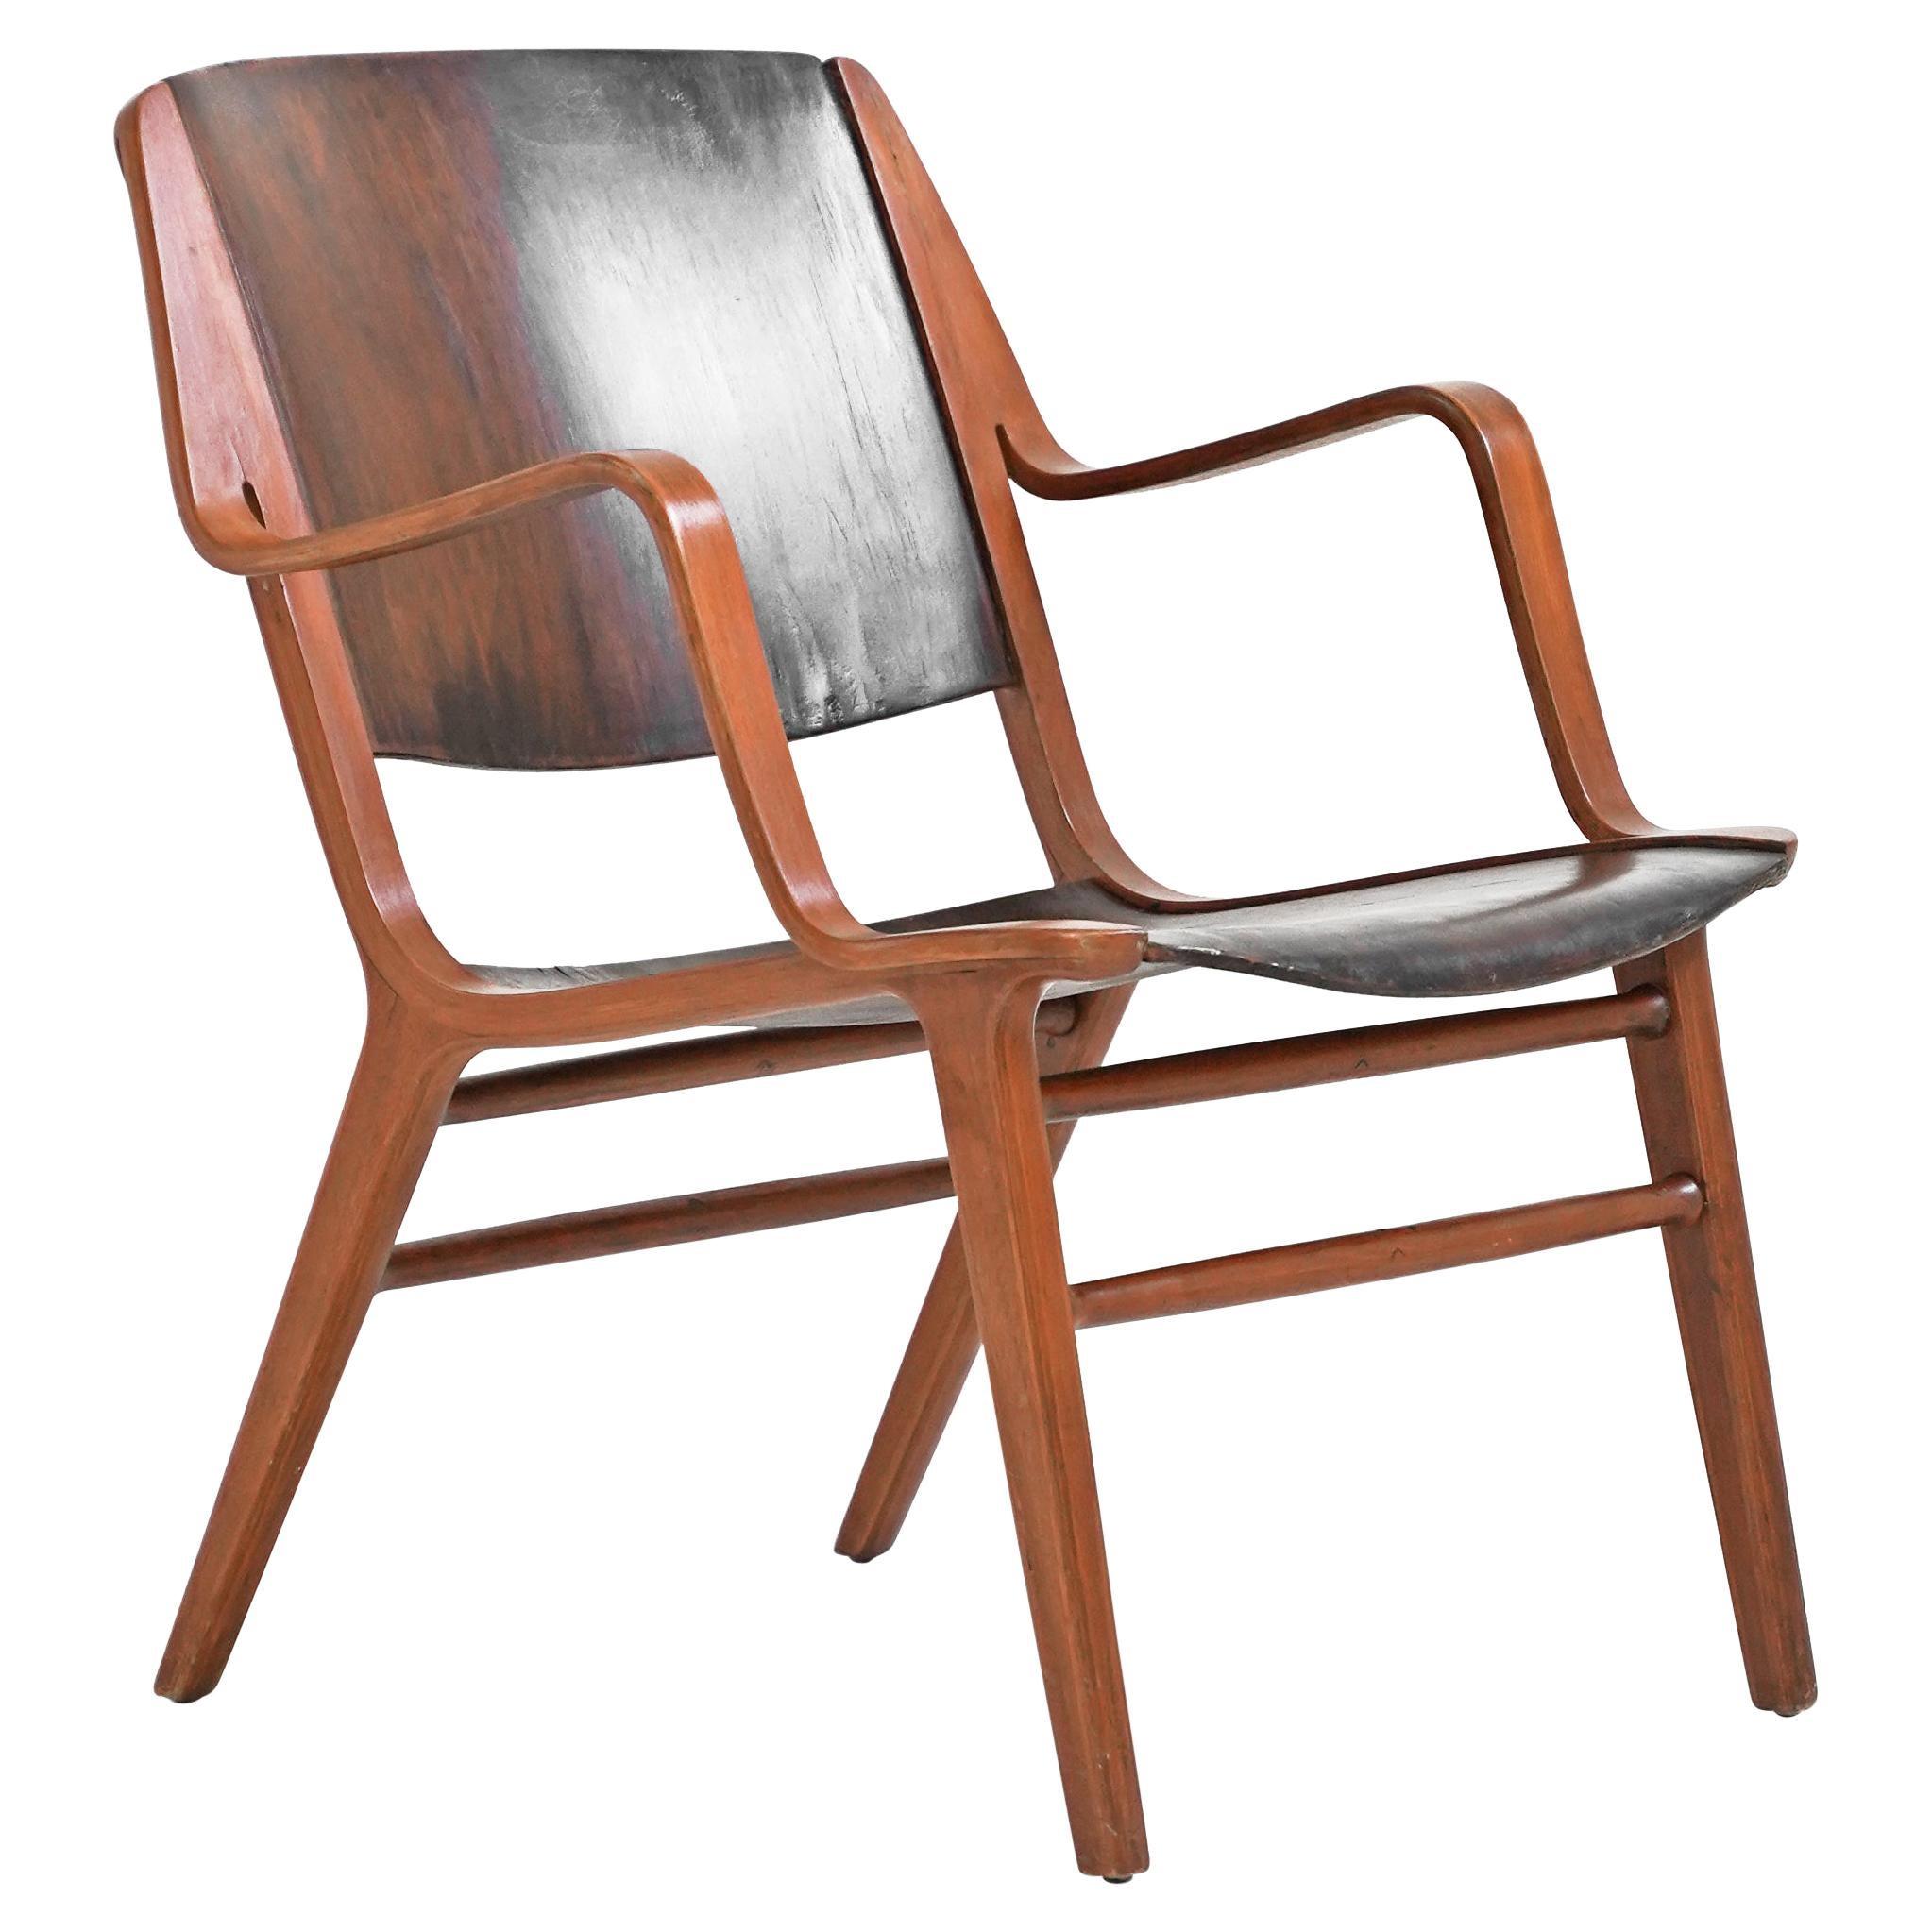 Teak AX Easy Chair by Peter Hvidt and Orla Mølgaard-Nielsen for Fritz Hansen